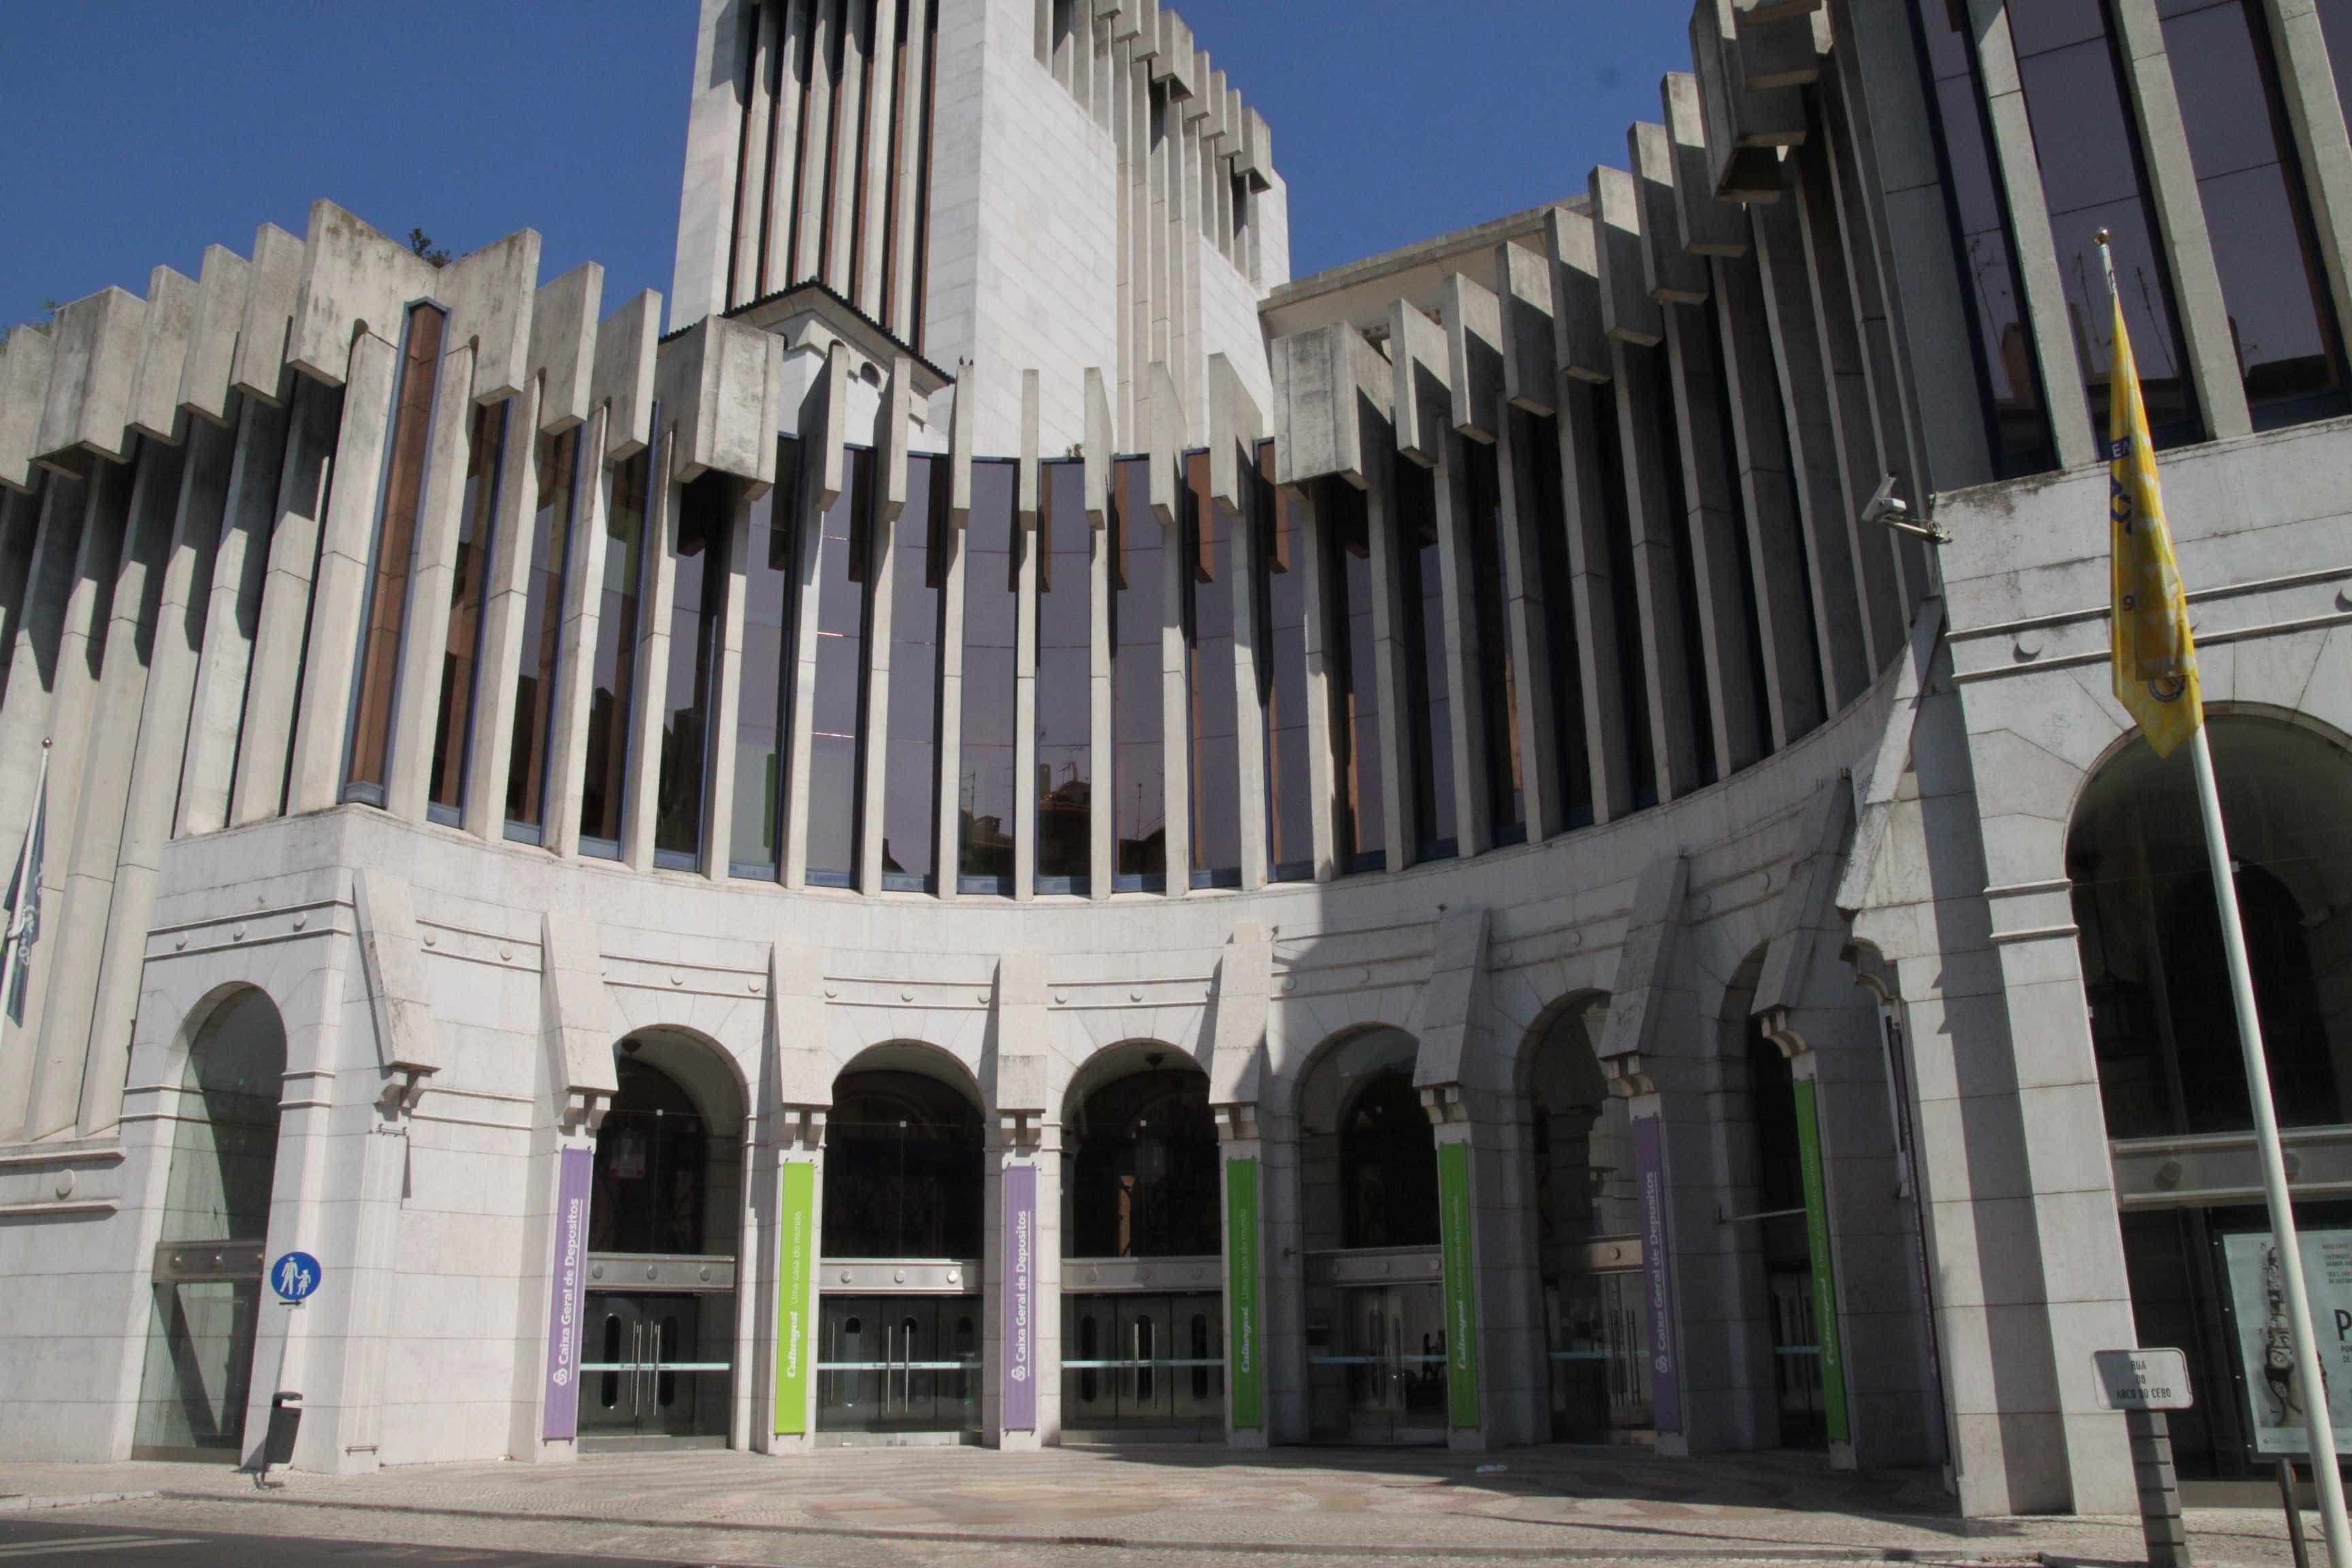 'Crowd' apresenta metáfora da sociedade contemporânea em Lisboa